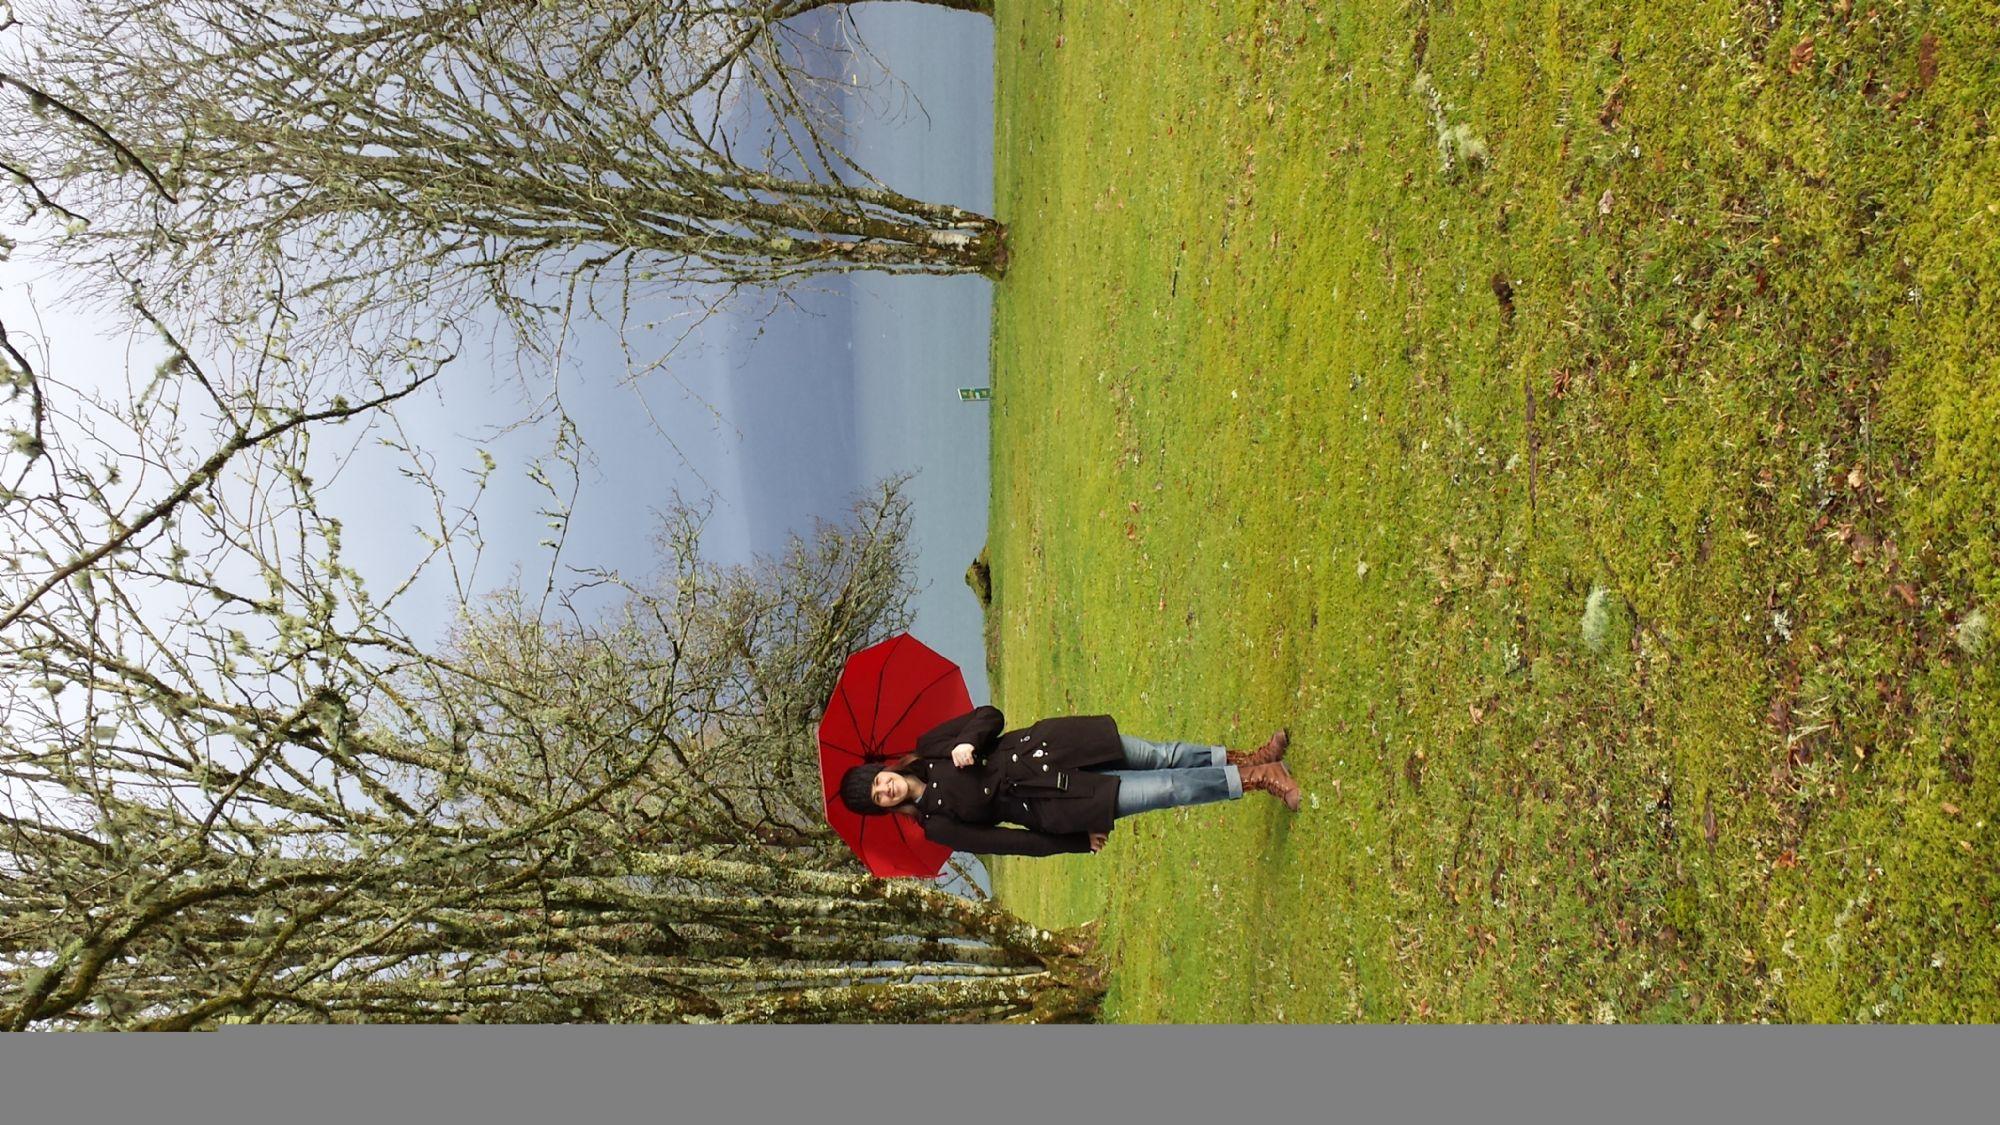 A red umbrella in Inveraray